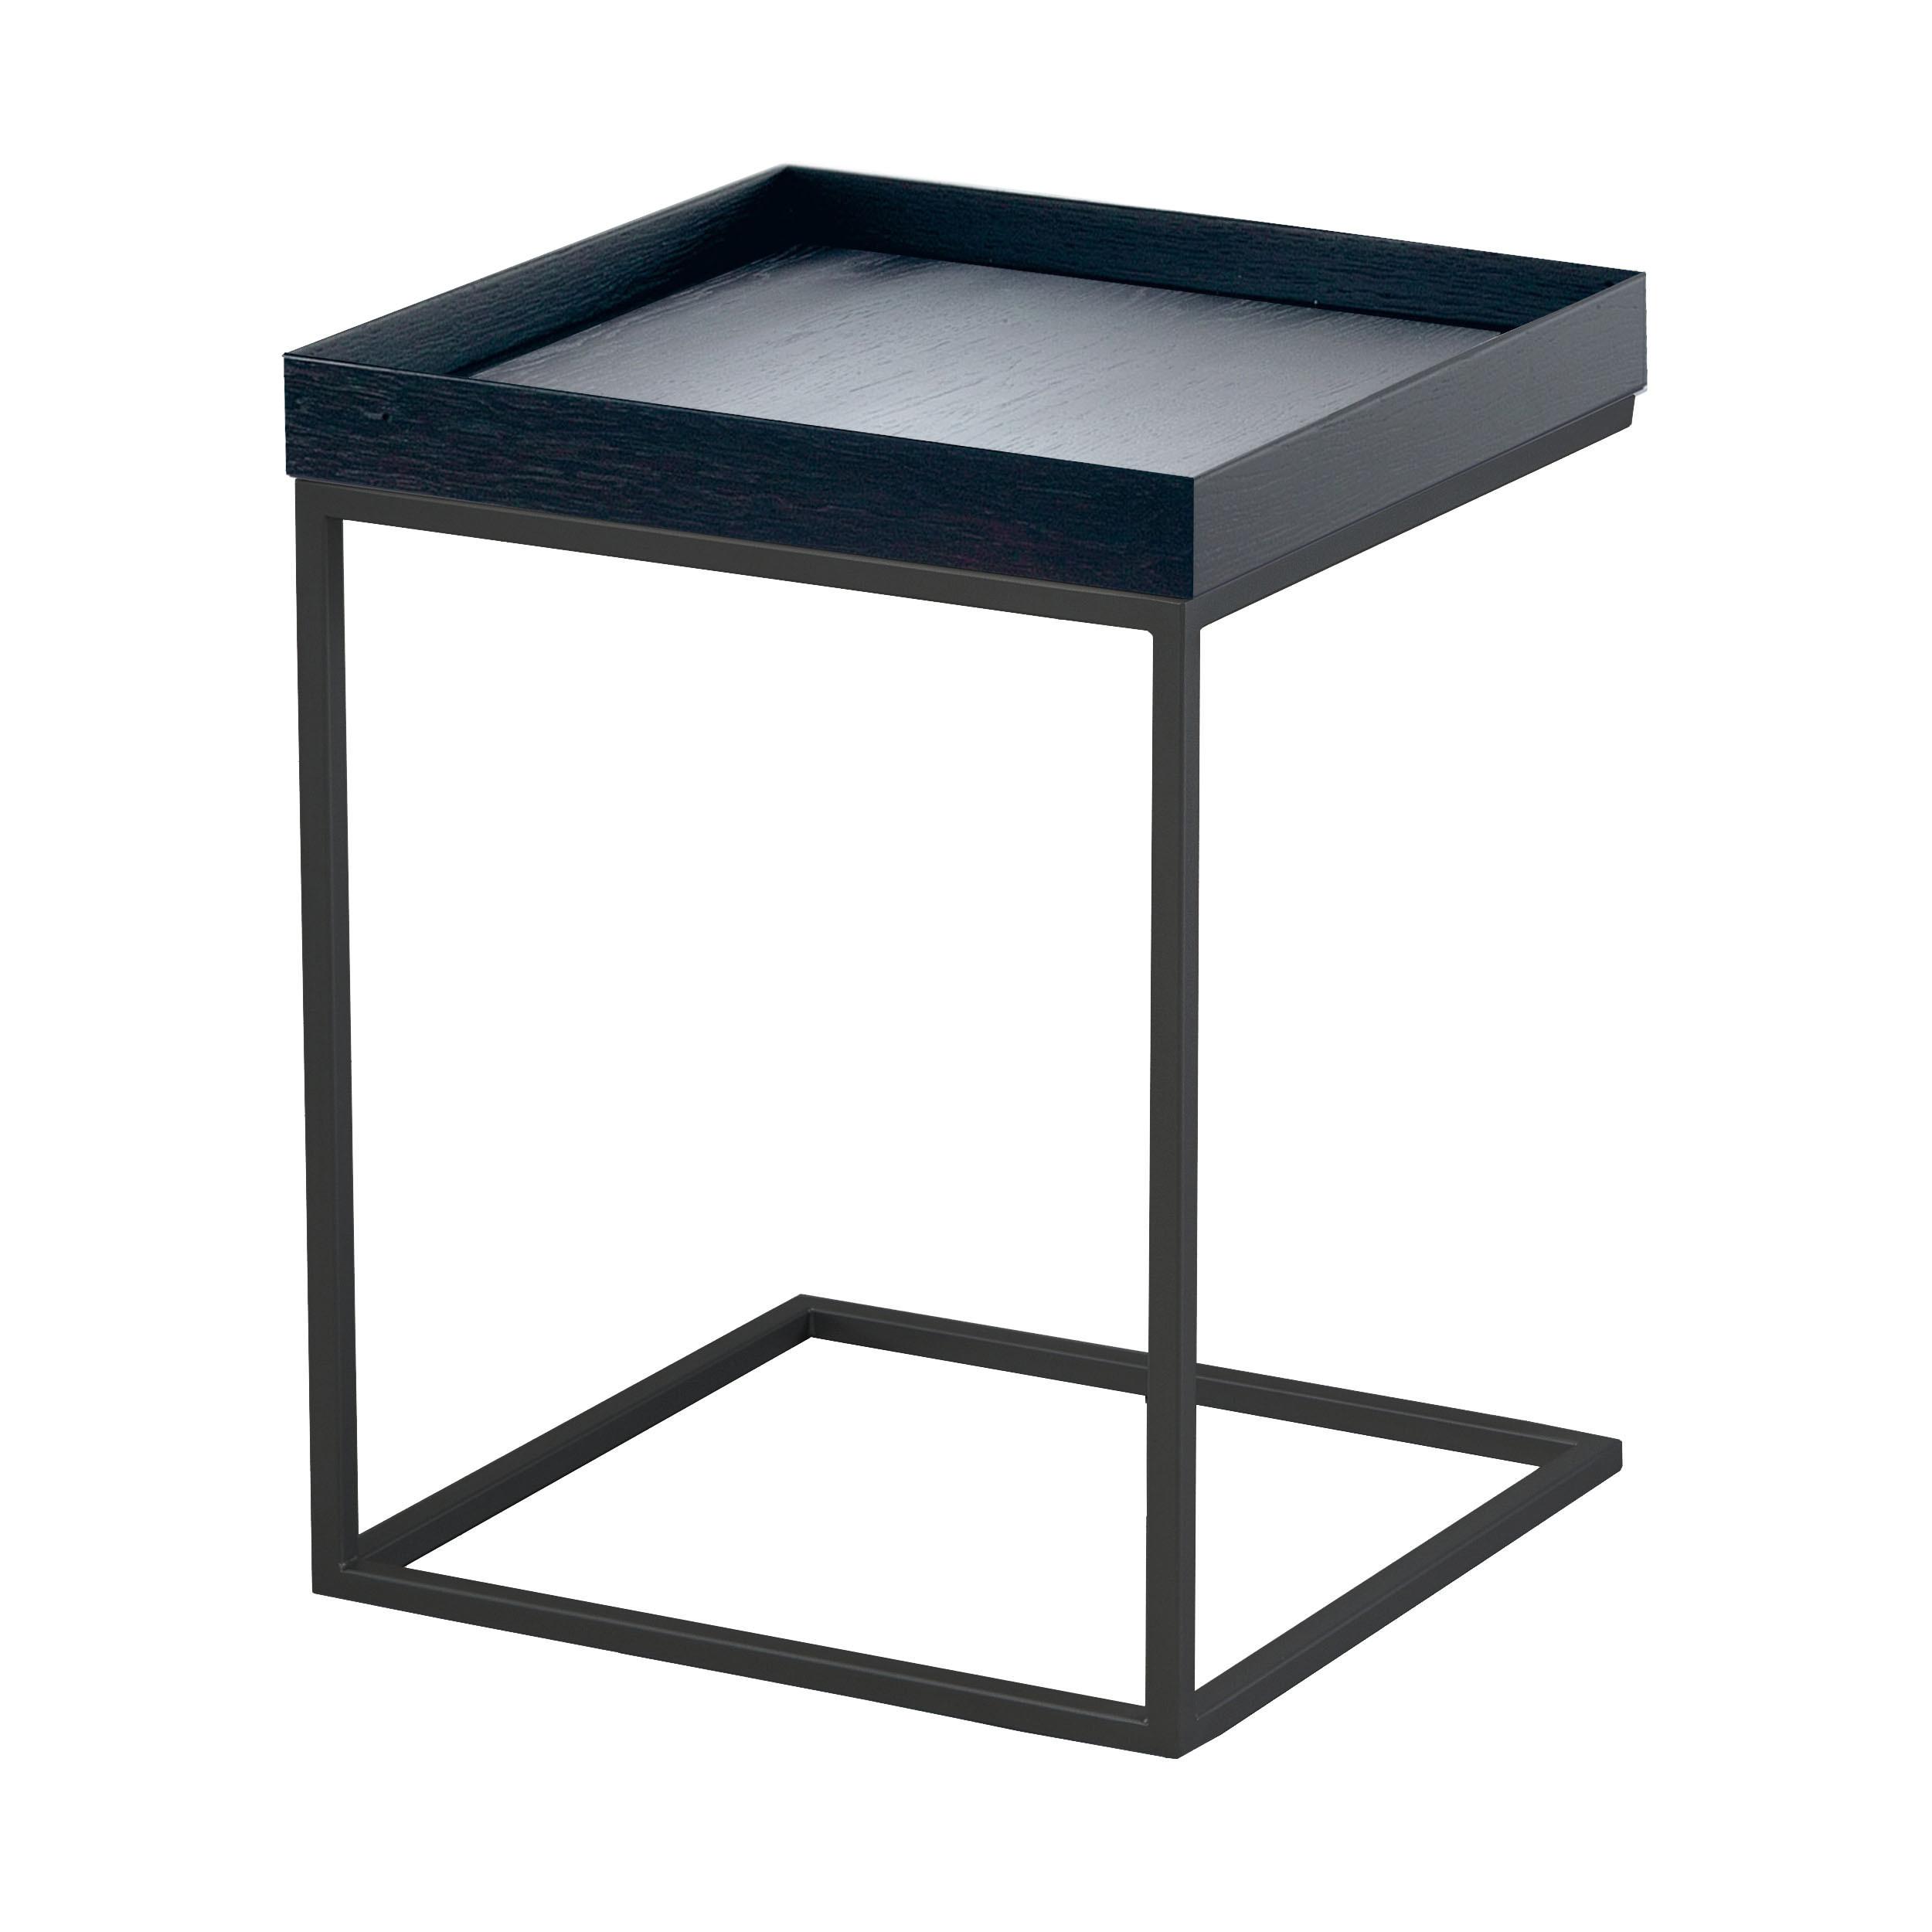 Pizzo 40 beistelltisch mit tablett schwarz for Beistelltisch tablett